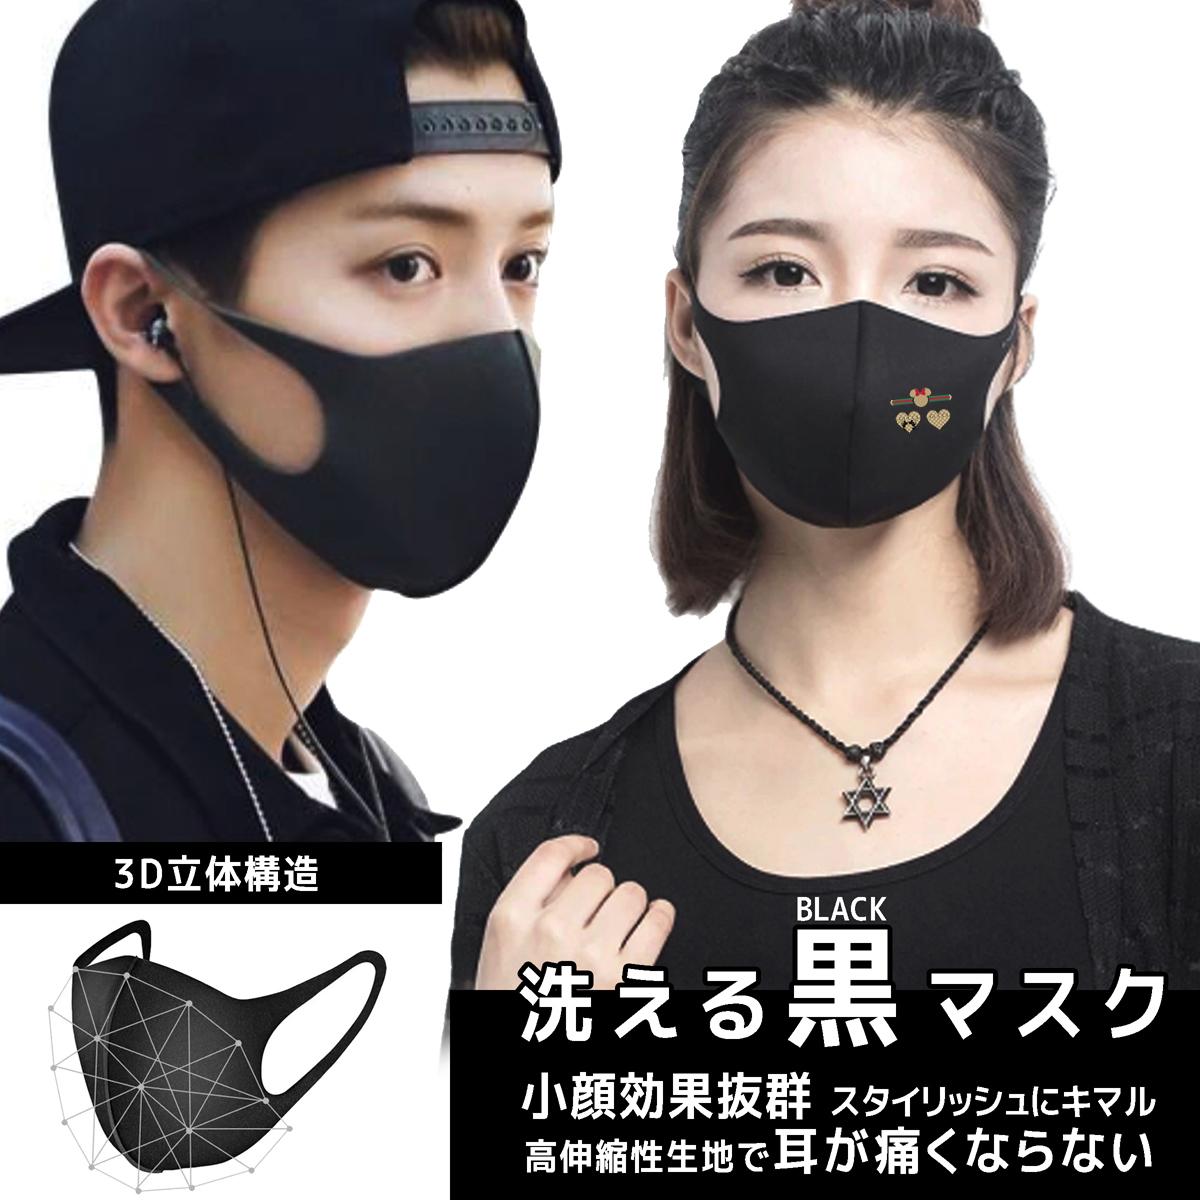 グッチブランド洗えるマスクかわいいディズニープリント布マスク